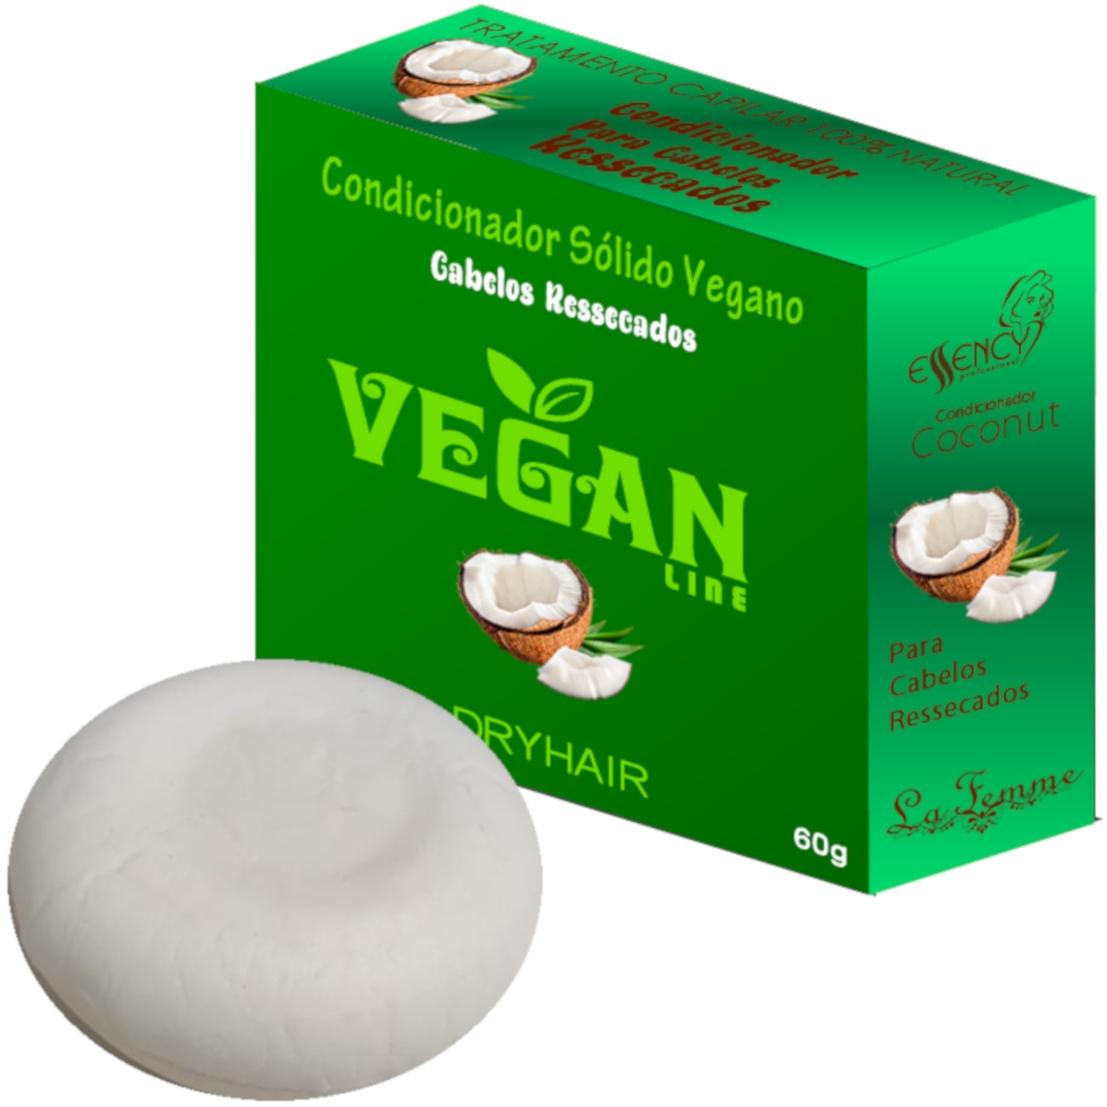 Condicionador Sólido Vegan Line-Coco